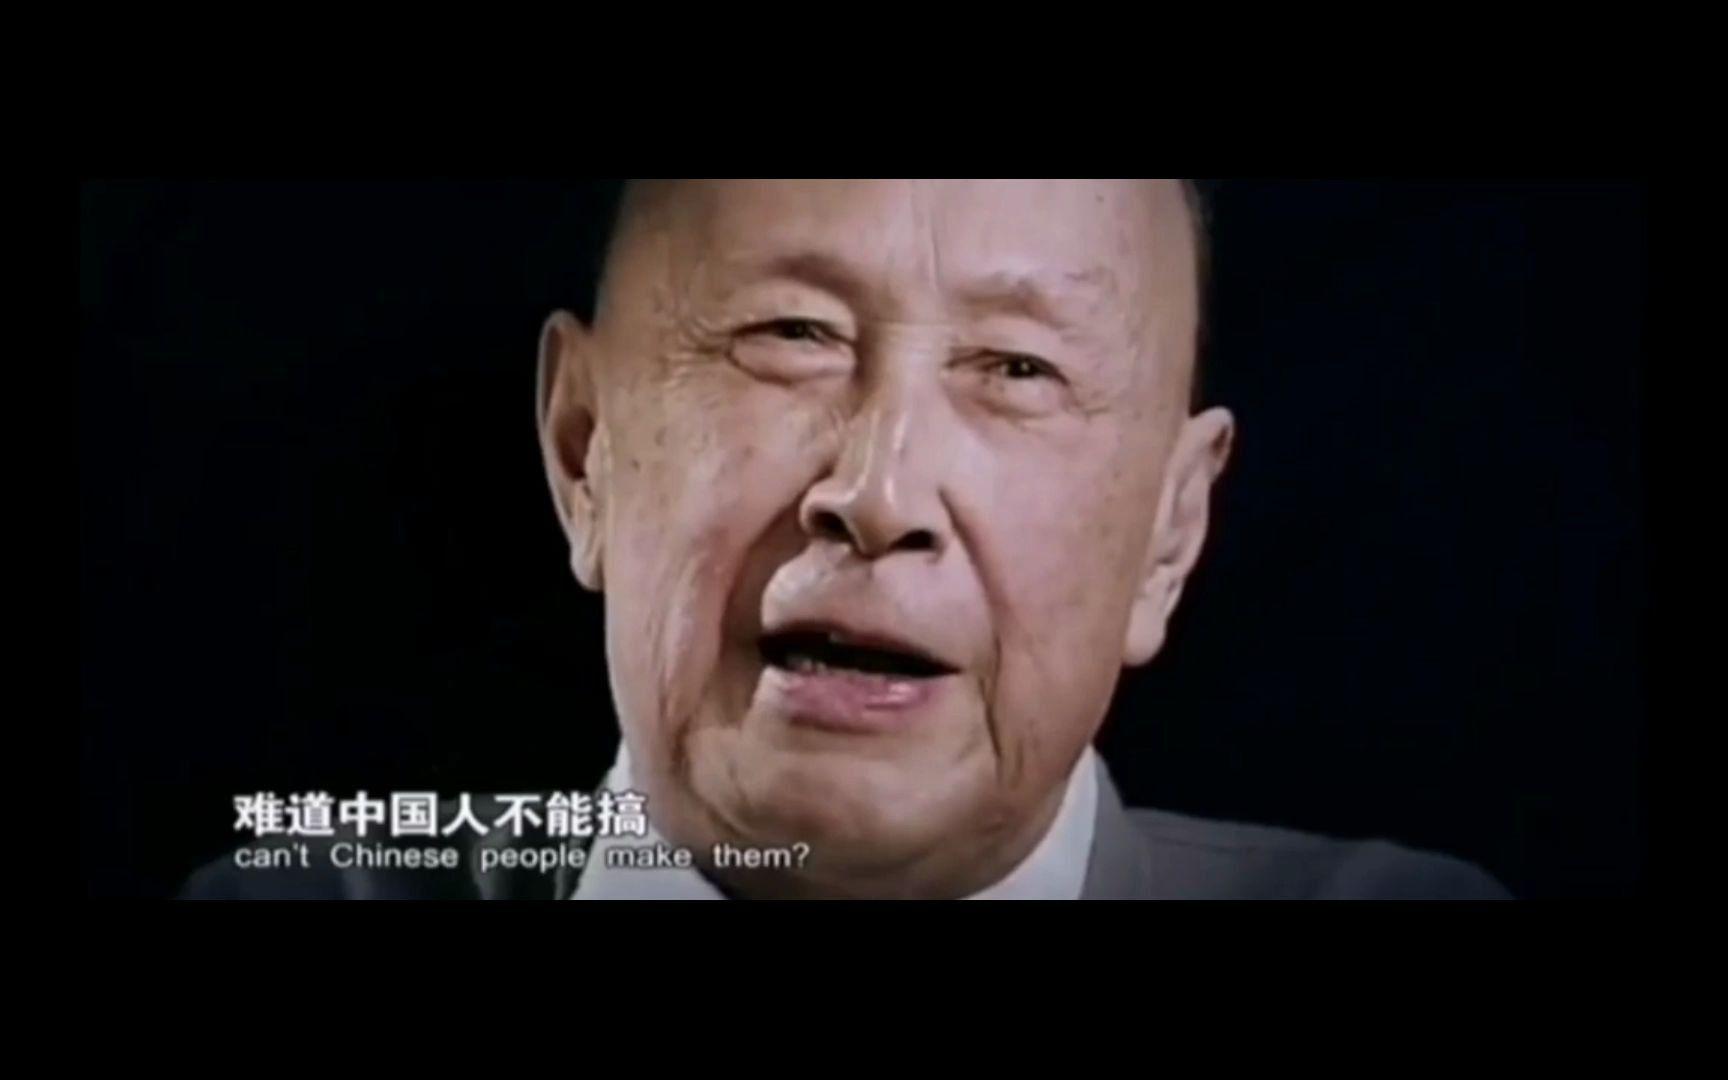 如果有一天原子弹投到中国人的头上,我会后悔的!我一定要中国人拥有自己的原子弹!致敬《钱学森》